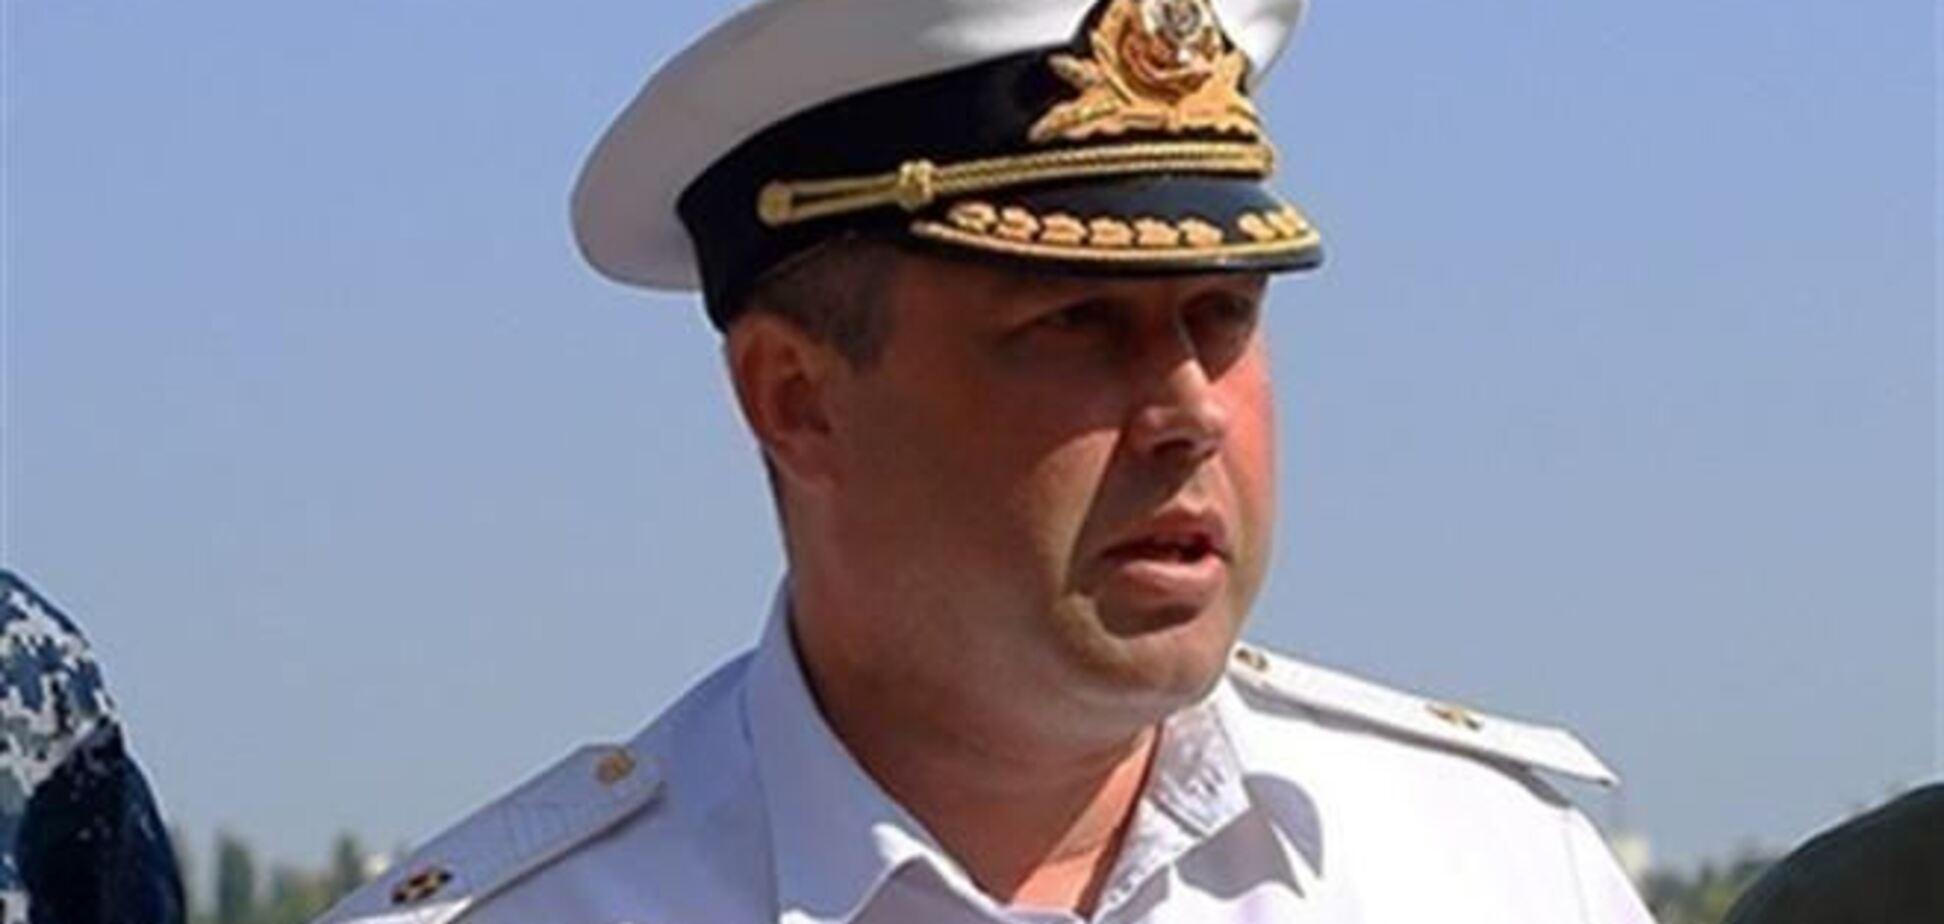 Против экс-главы ВМС Березовского открыли дело за госизмену